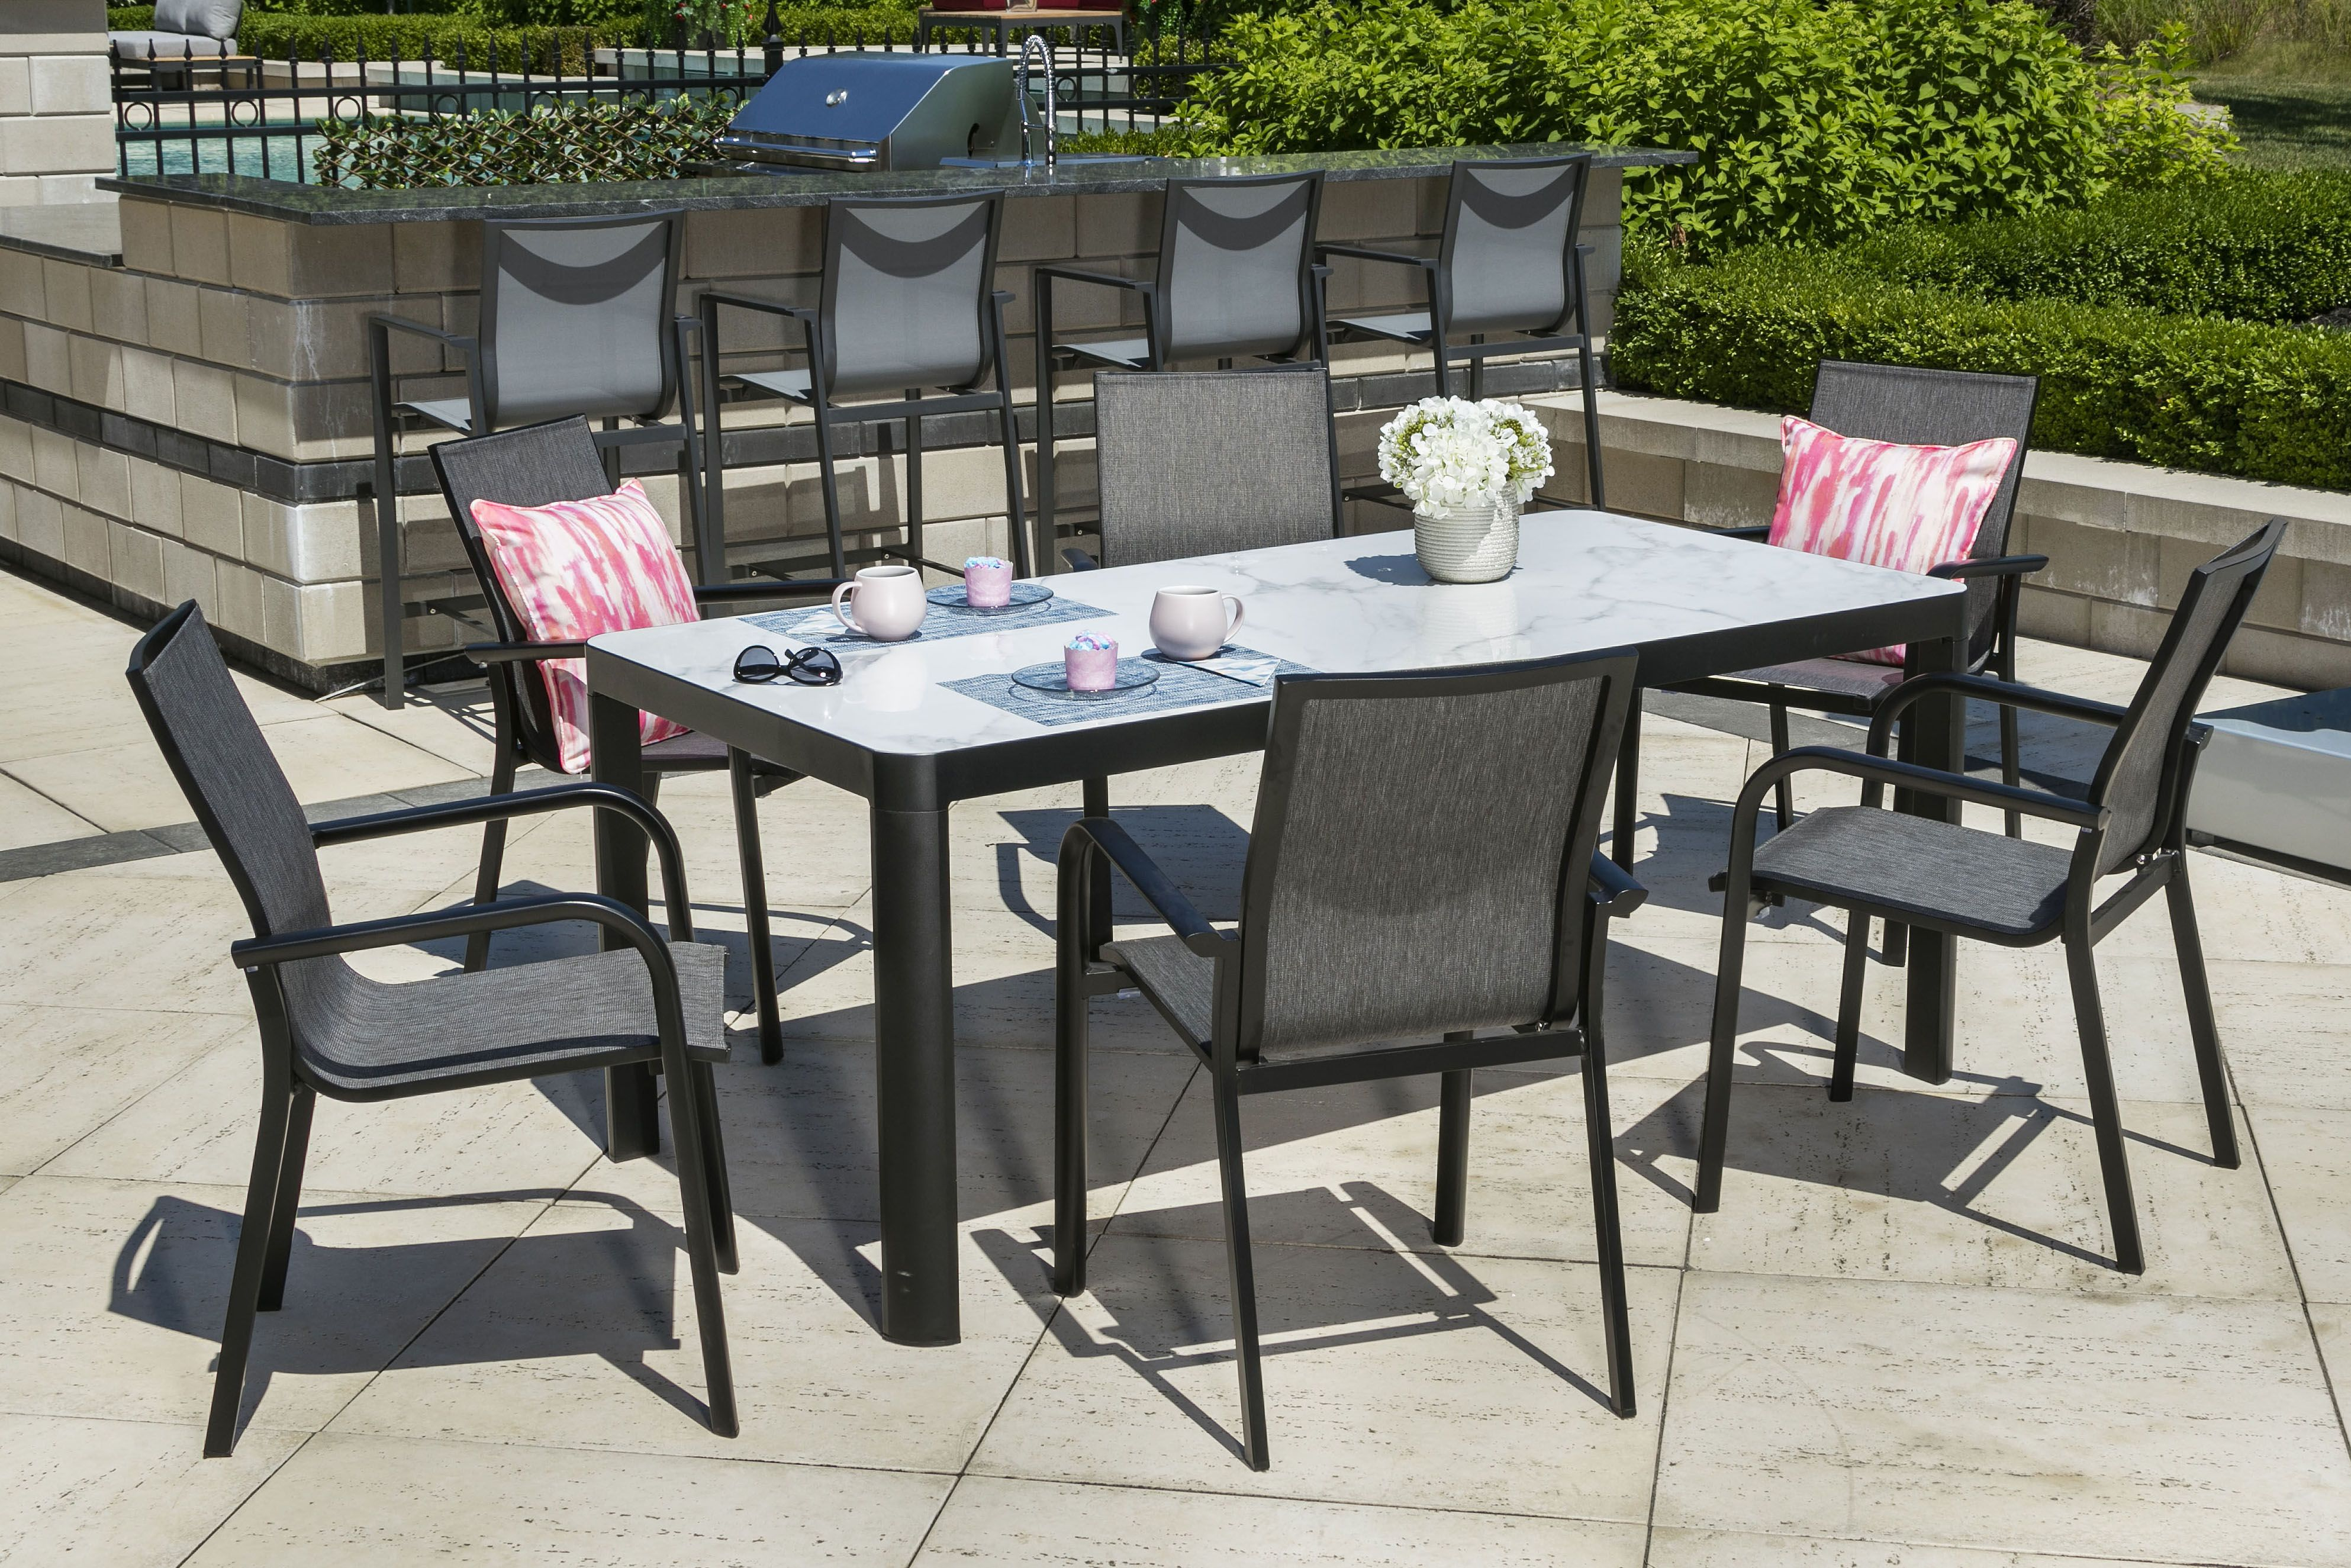 Ensemble A Manger Exterieur Atlantis Outdoor Tables Outdoor Furniture Outdoor Decor